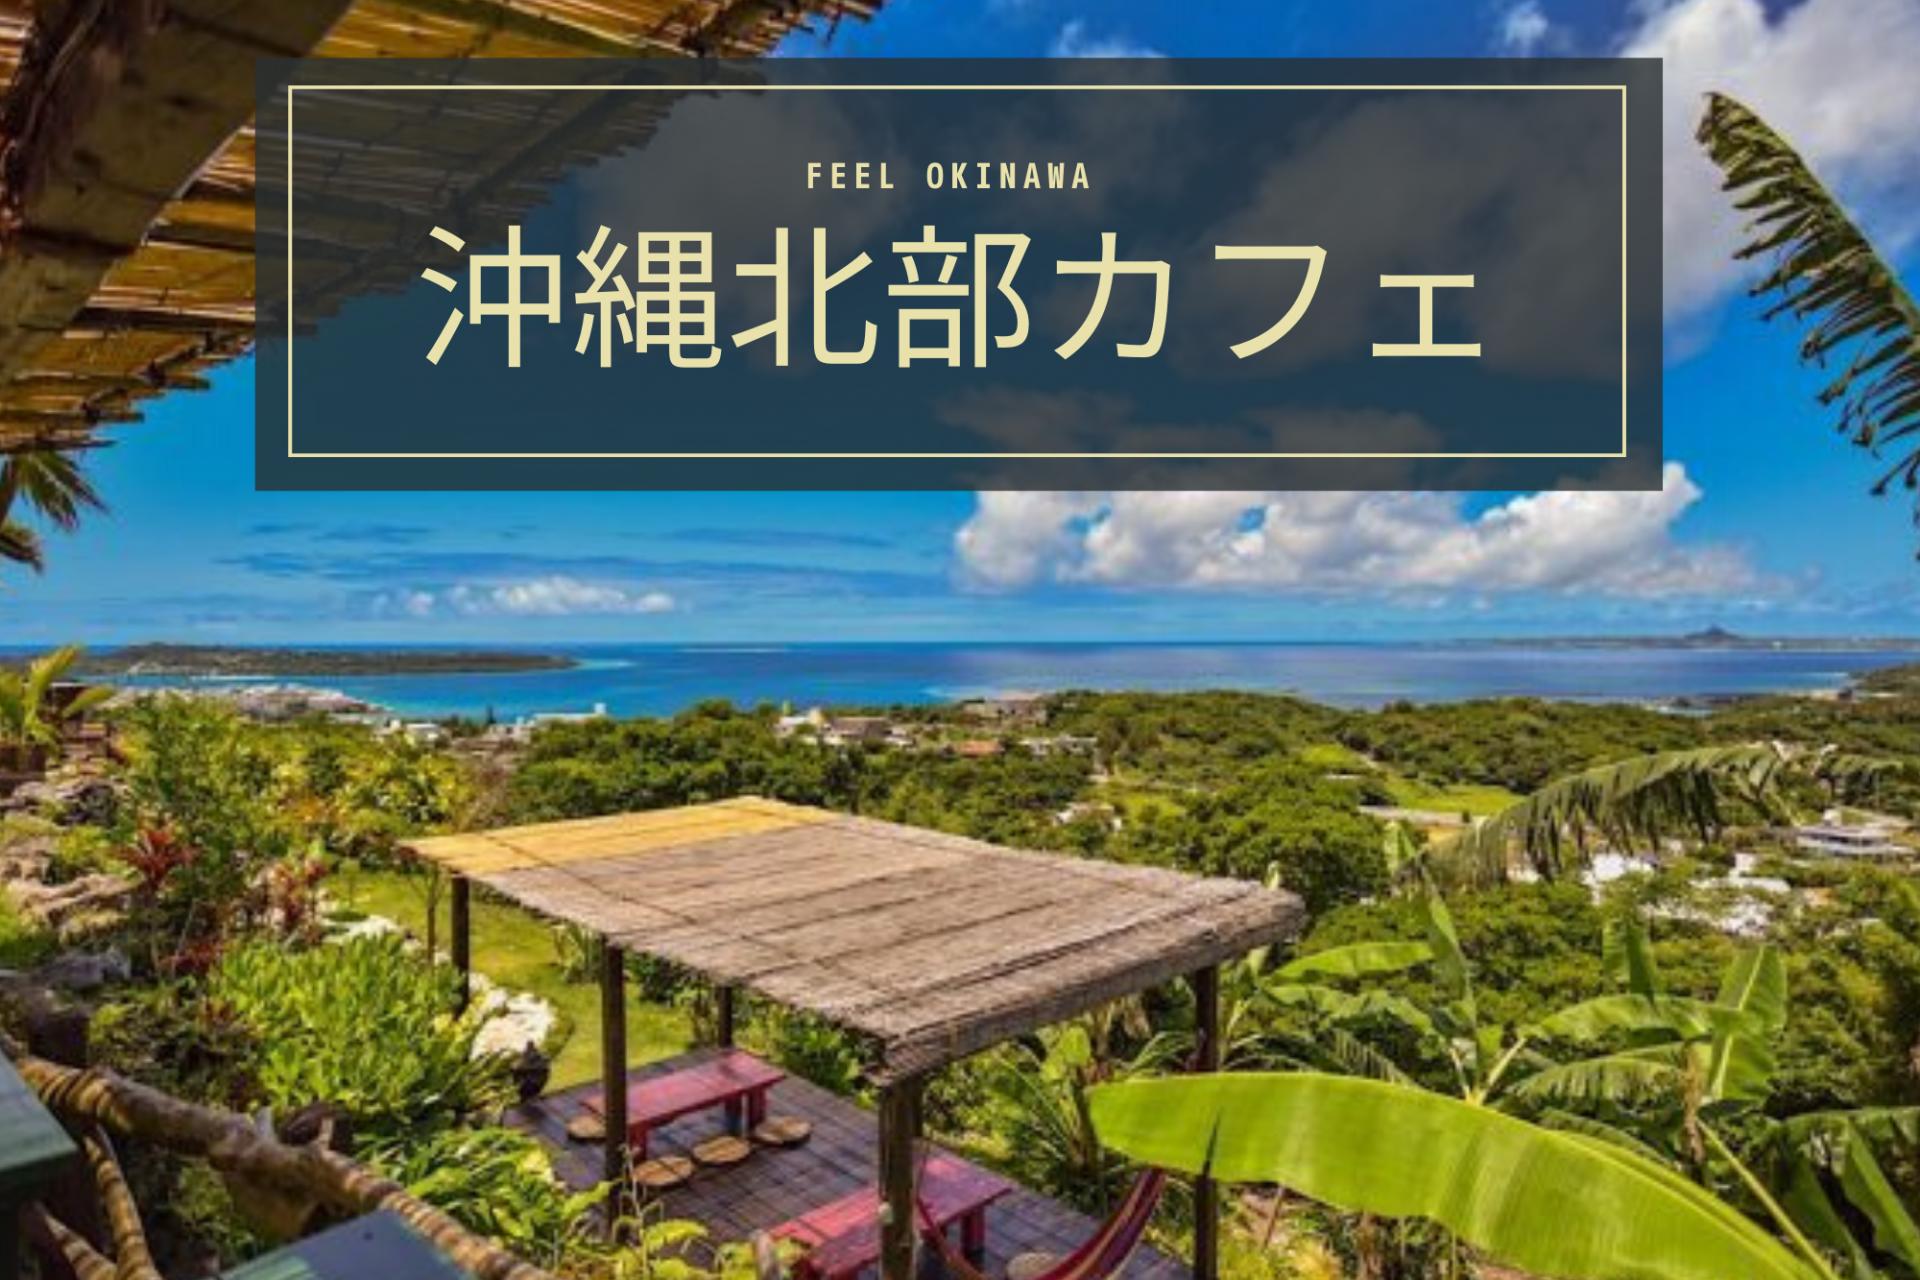 【沖縄本島北部】おすすめカフェ9選